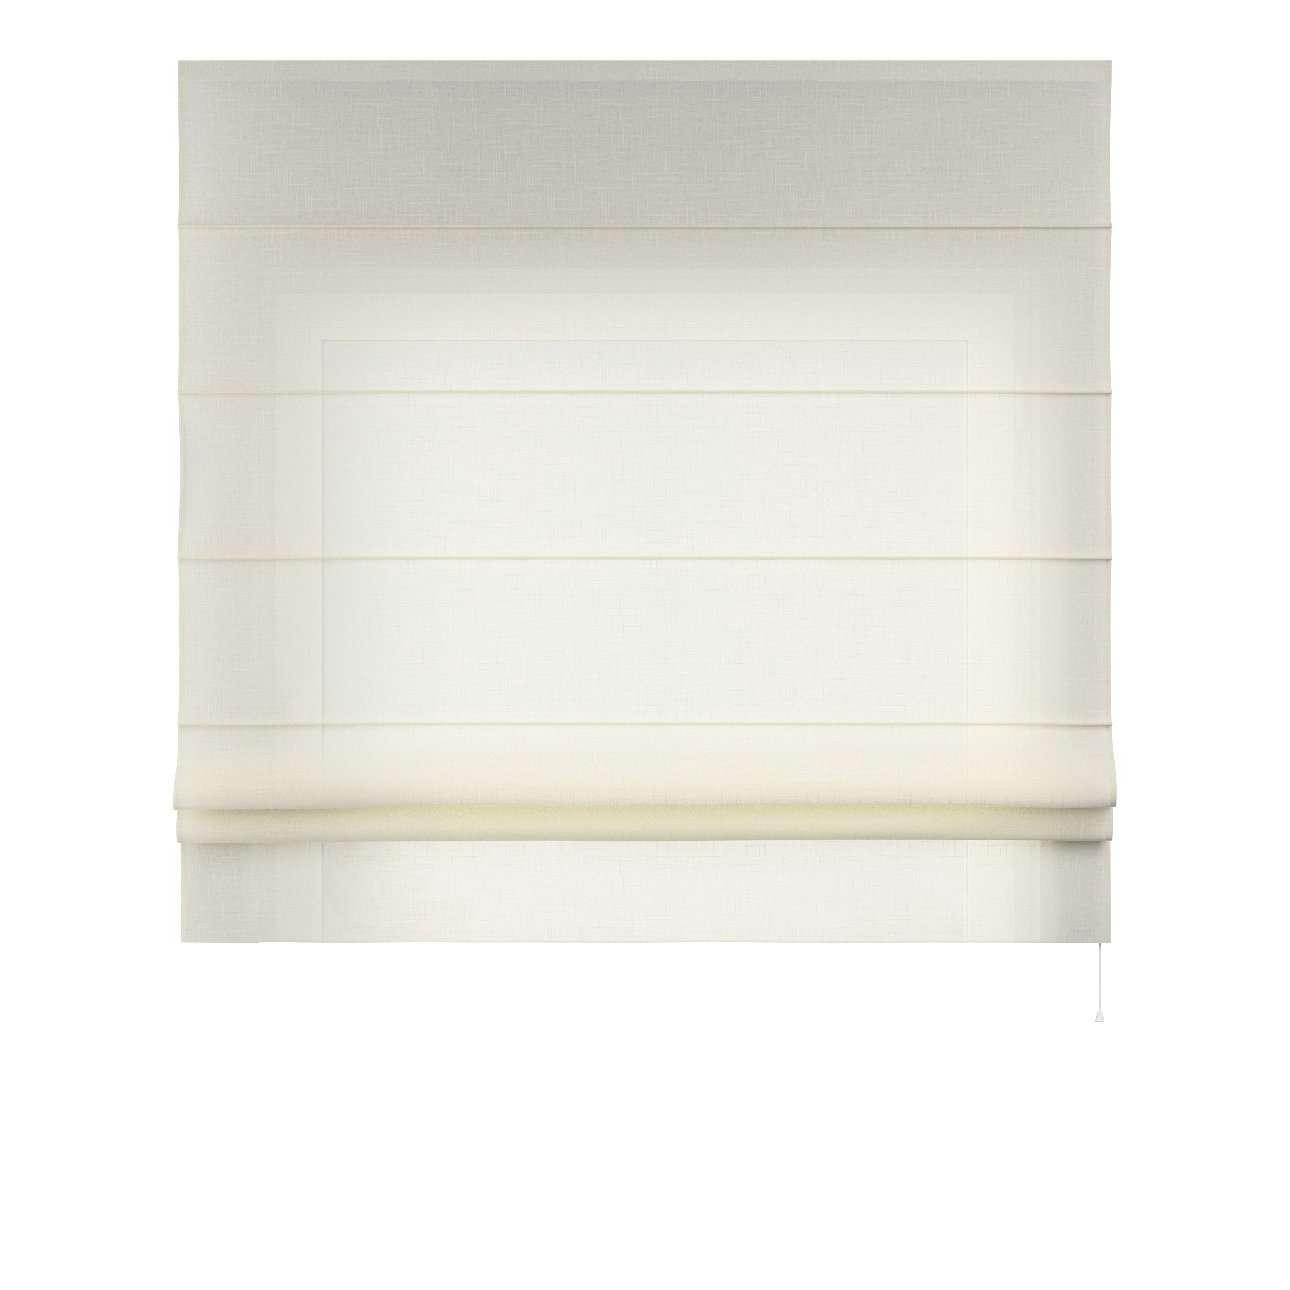 vouwgordijn Padva 80 x 170 cm van de collectie Romantica, Stof: 128-88